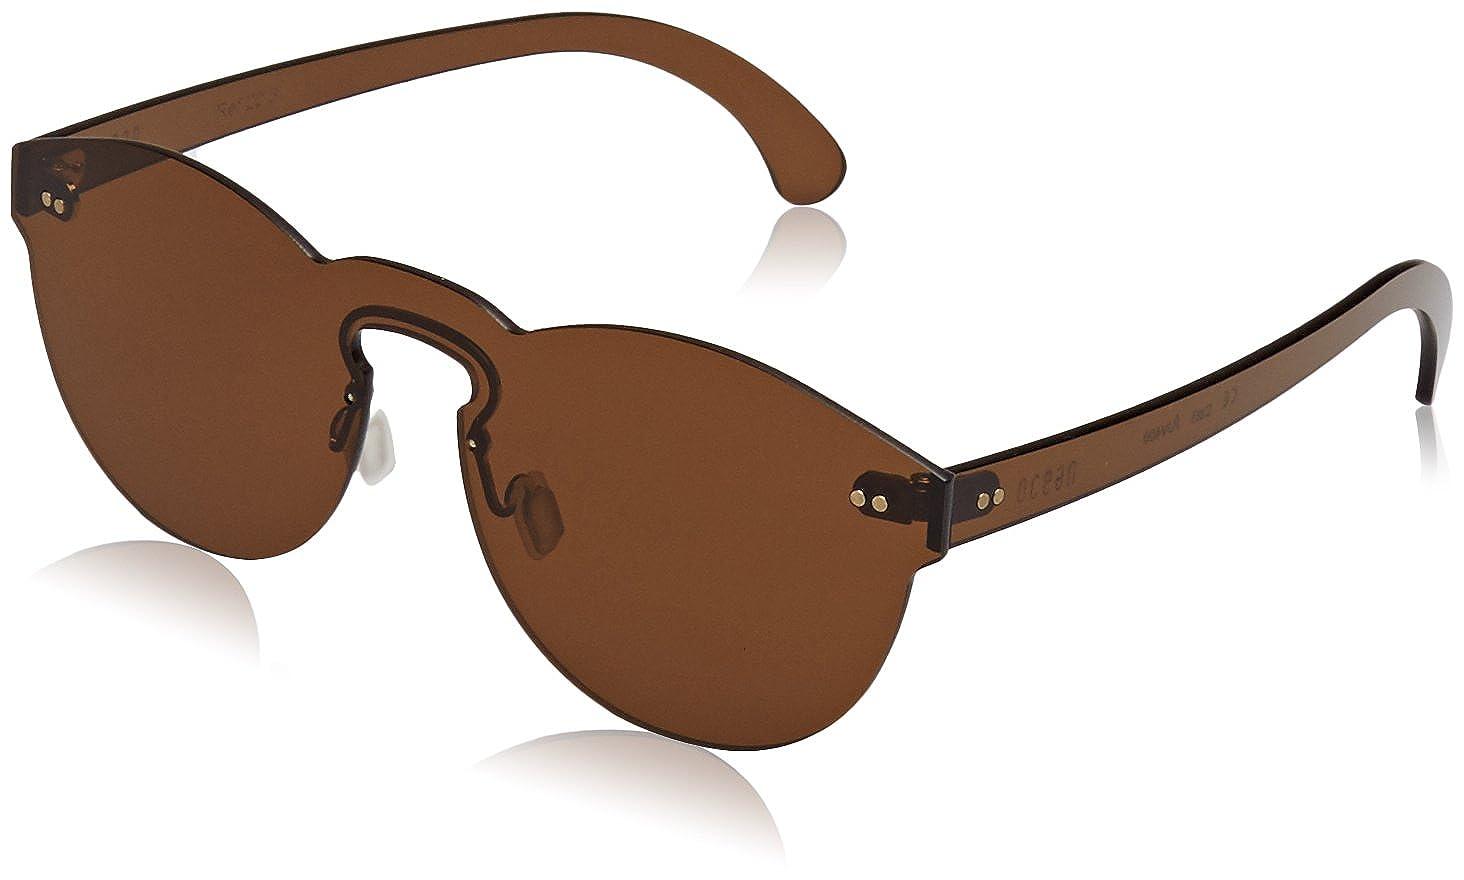 Ocean Eye Gafas de sol, Marrón (Marrone), 55 Unisex Adulto